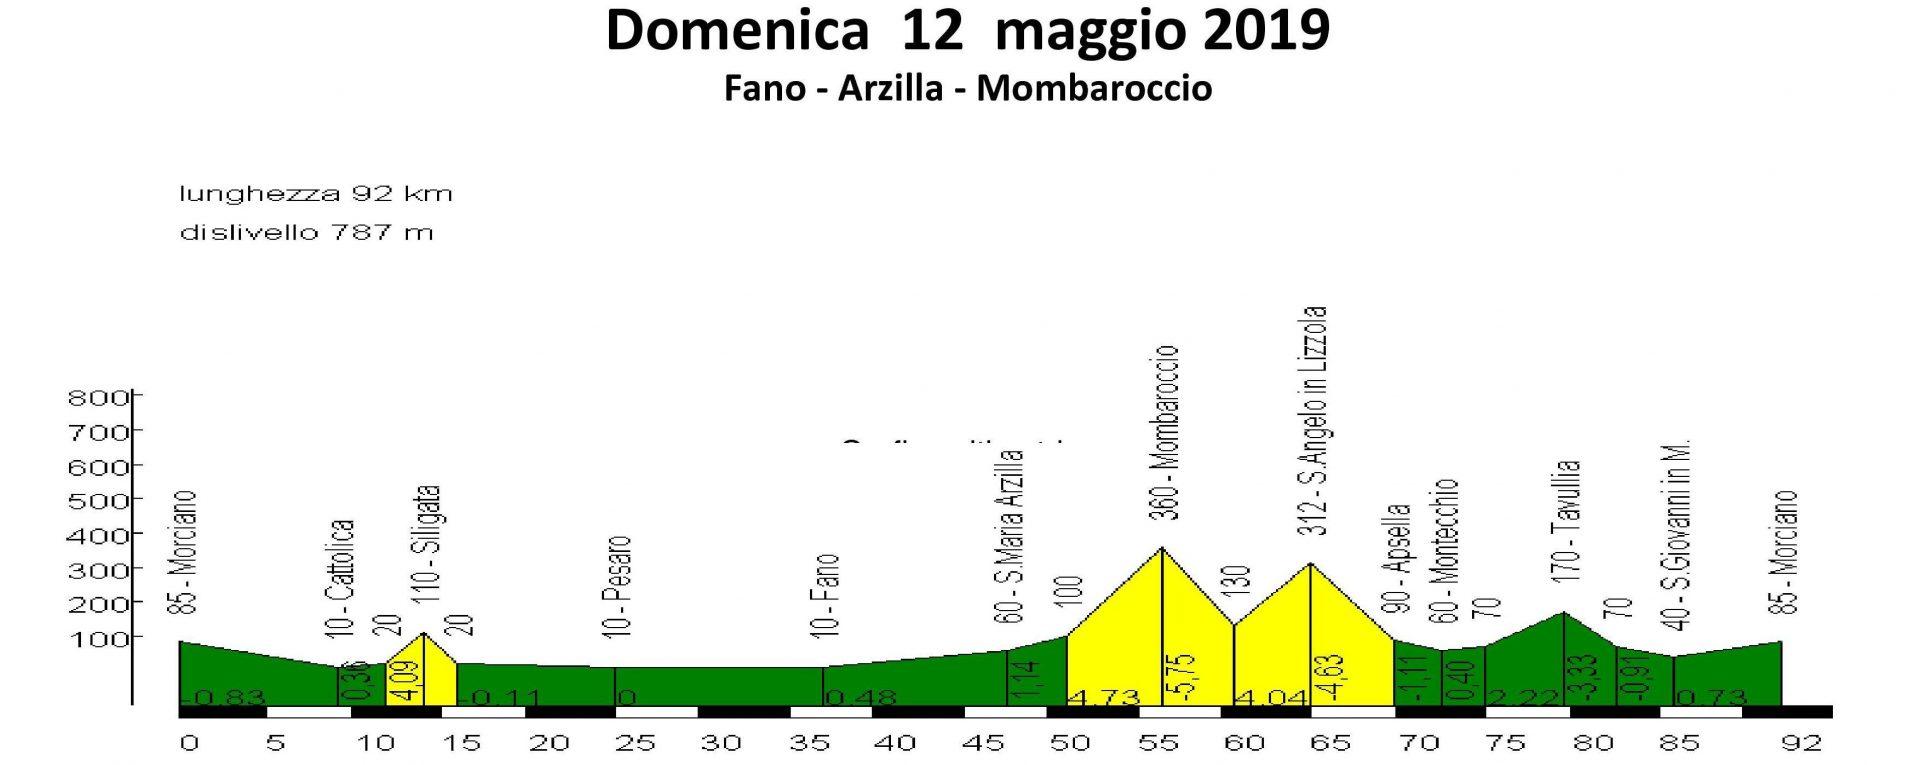 Domenica 12-mag-2019 Fano Arzilla Mombaroccio